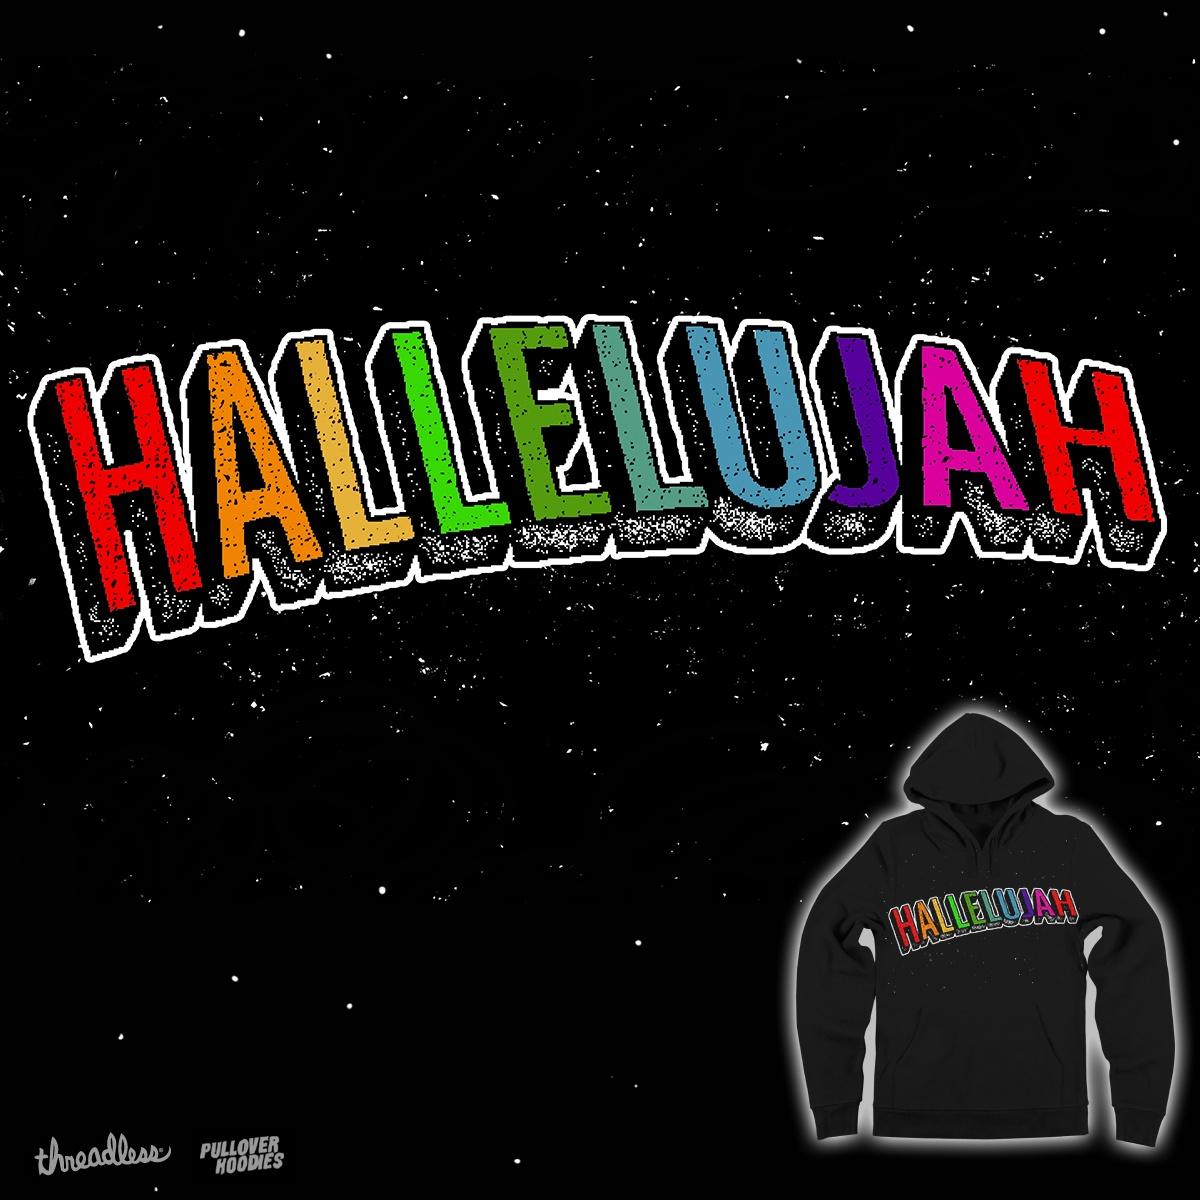 Hallelujah! by vintagesmile on Threadless